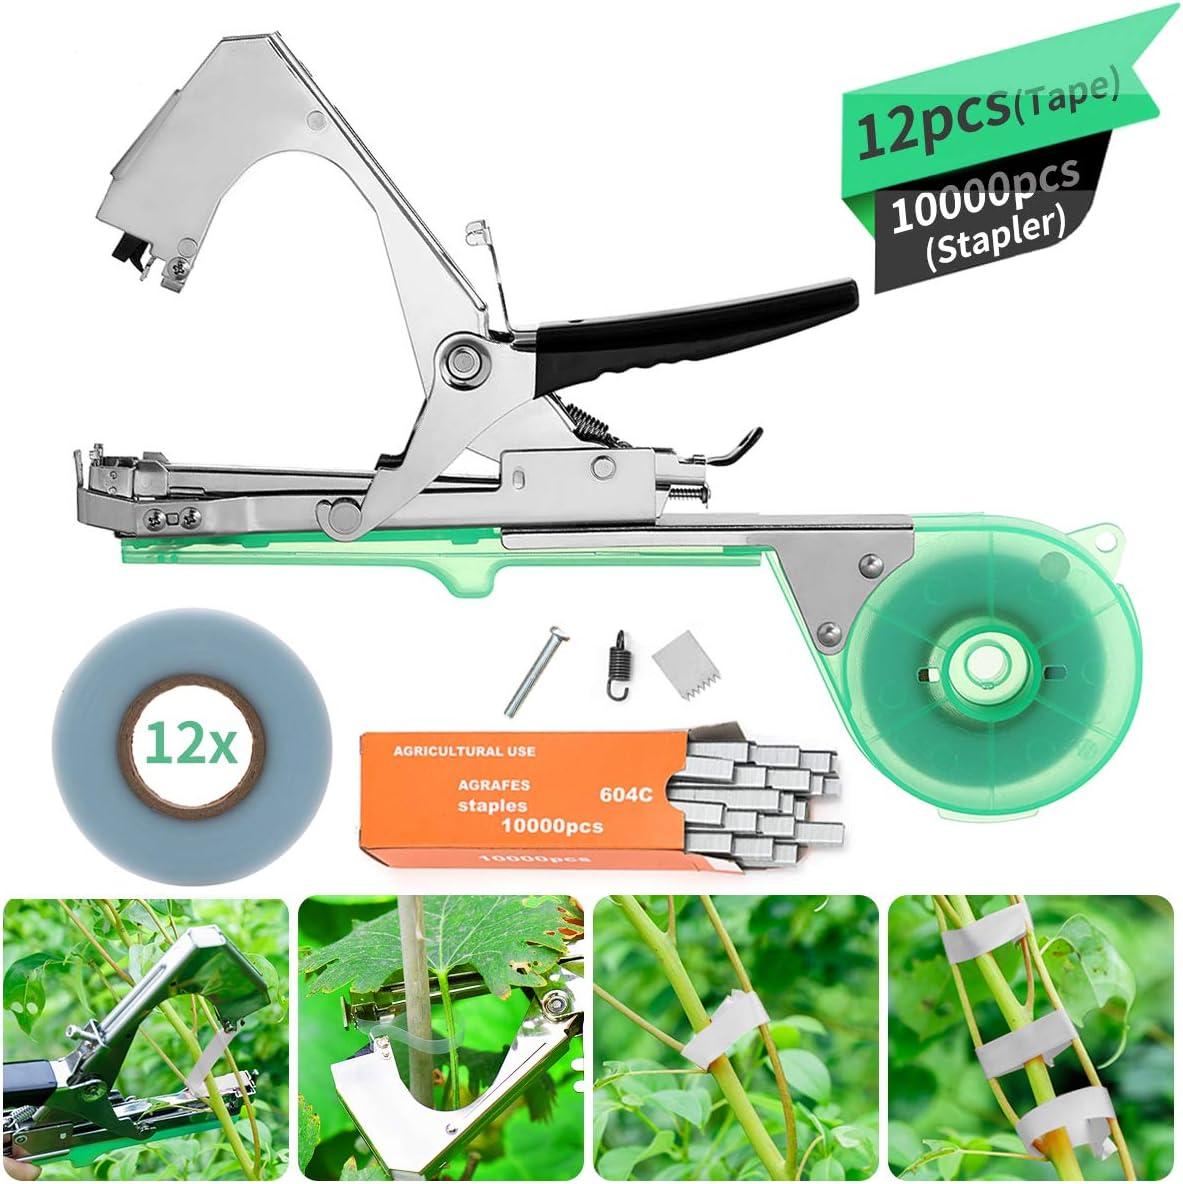 KING DO WAY kit de Herramientas, Mano Atado Cinta Máquina Agricultura Carpeta de Acero Inoxidable para la Encuadernación de Ramas para Planta Flores Frutas Verduras Vine